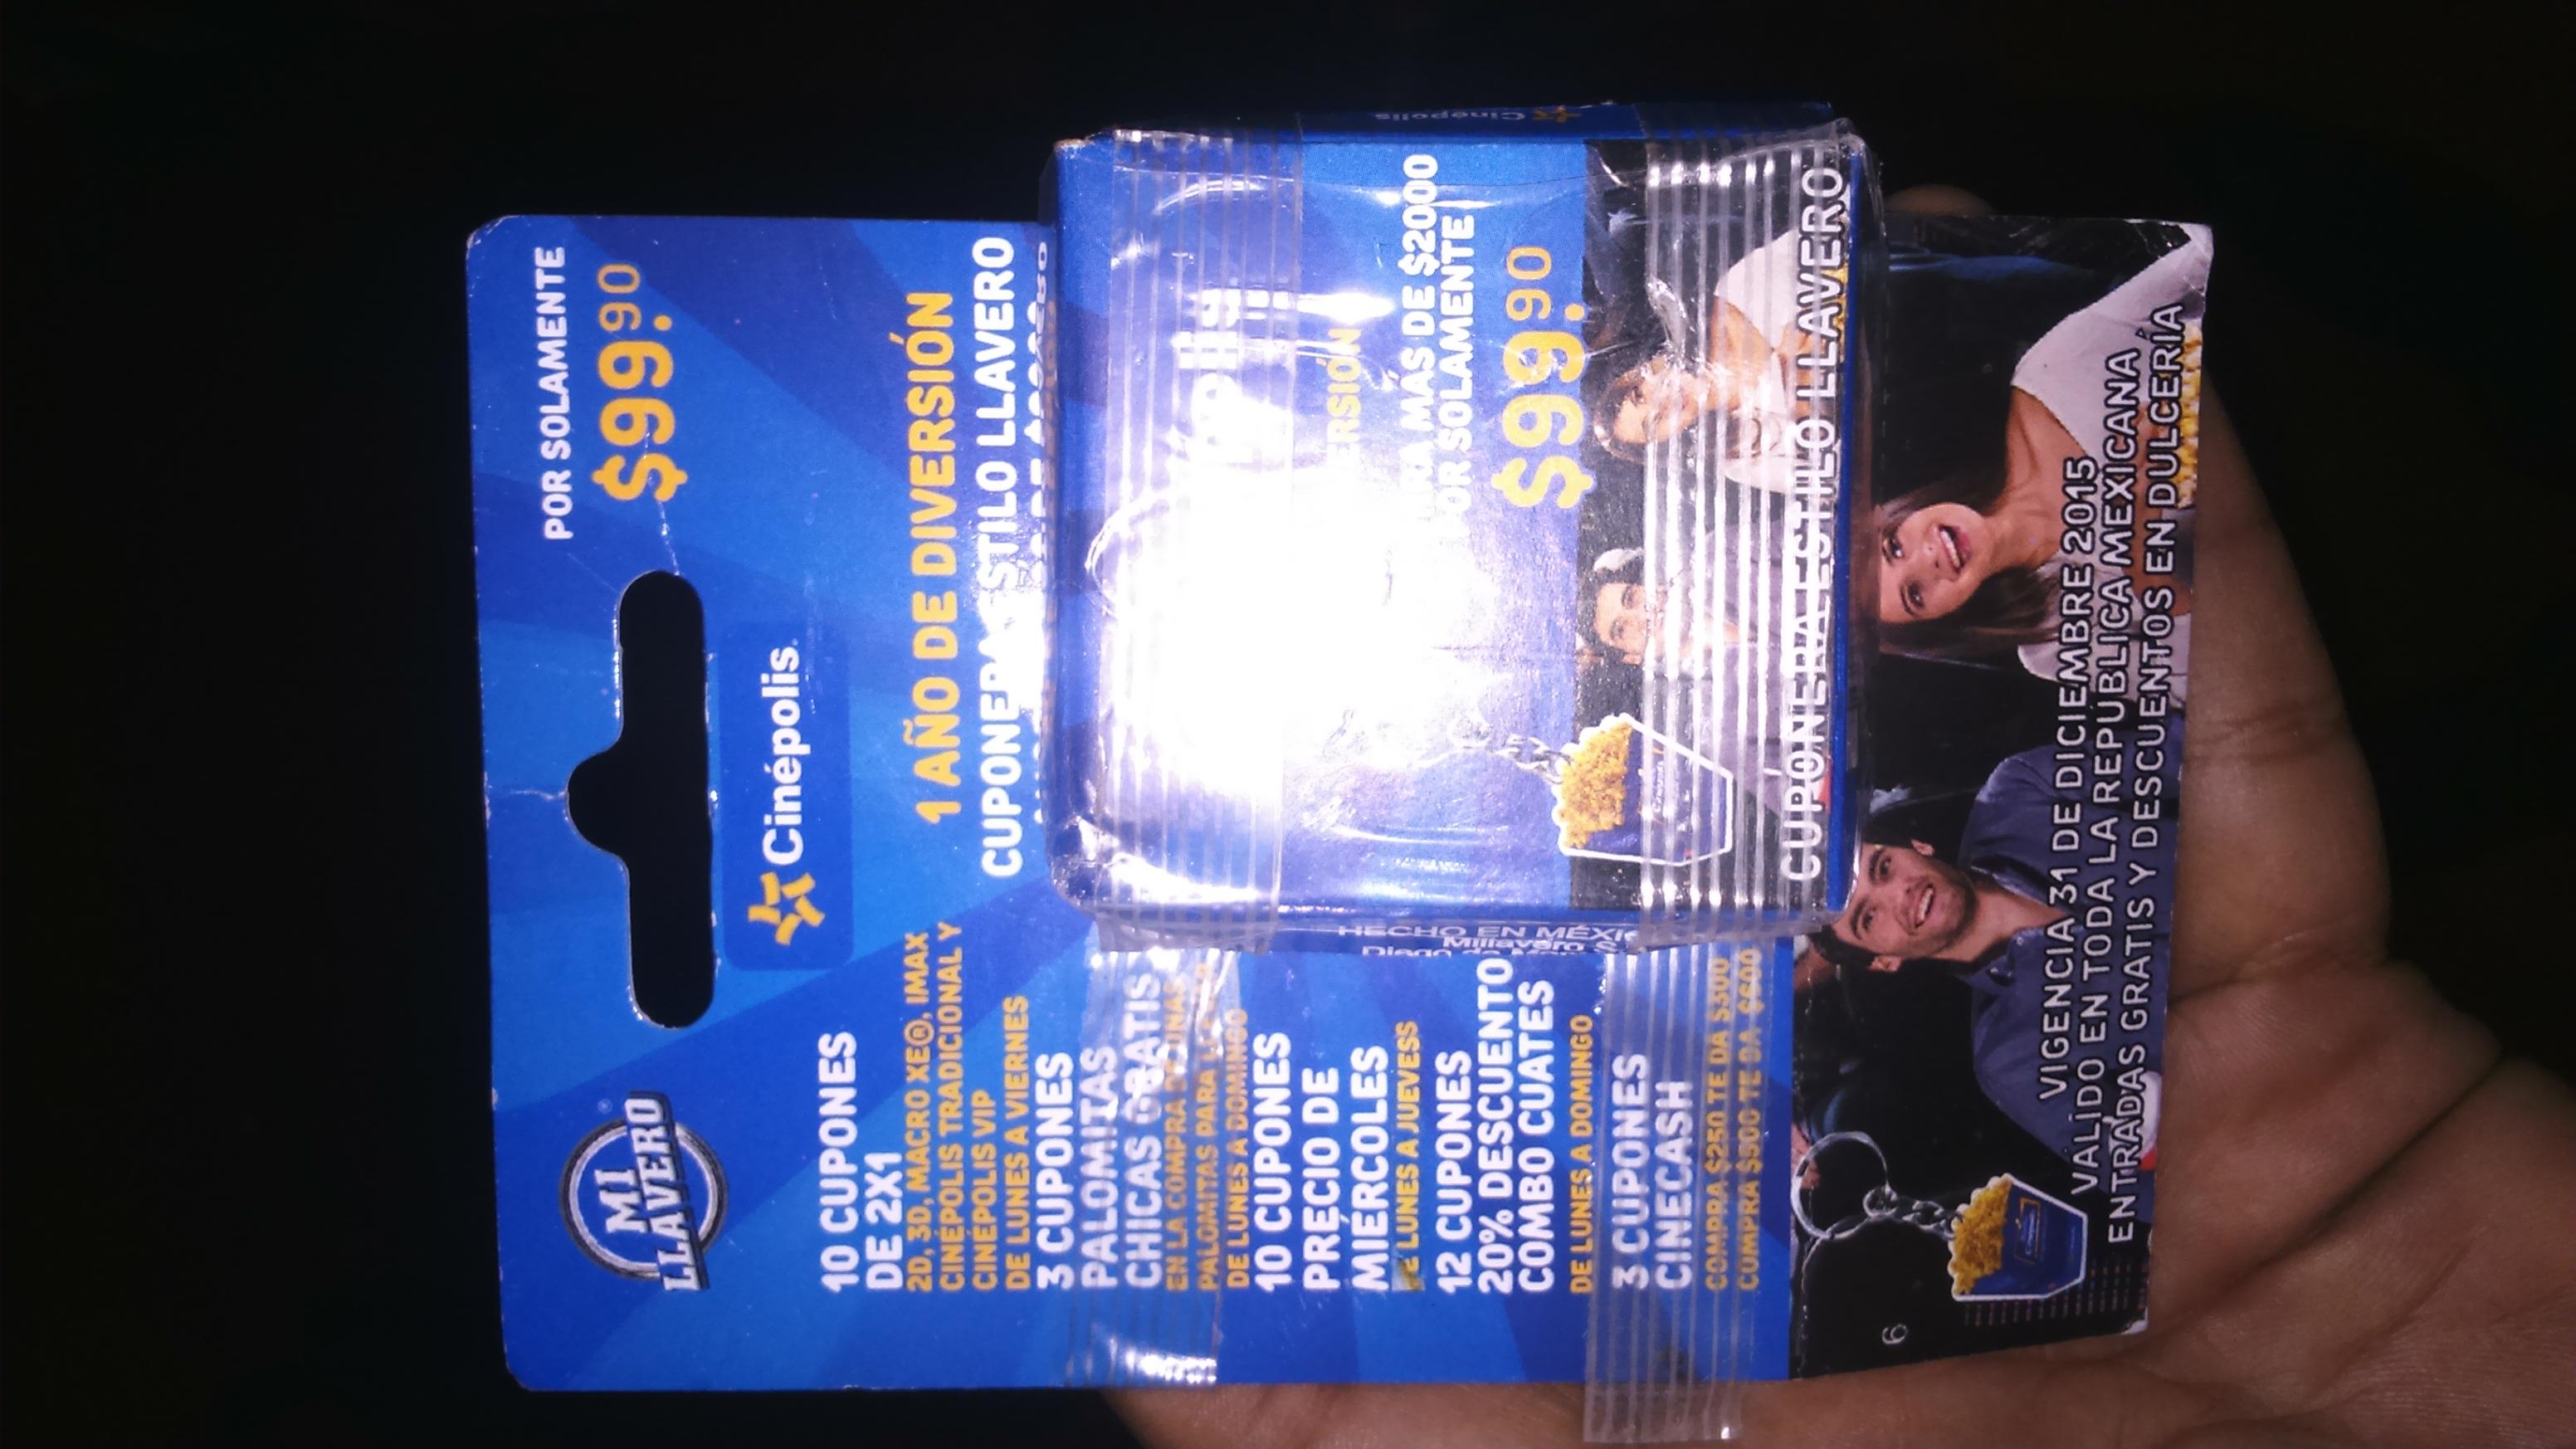 Walmart: cuponera Cinepolis tipo llavero a $42.03